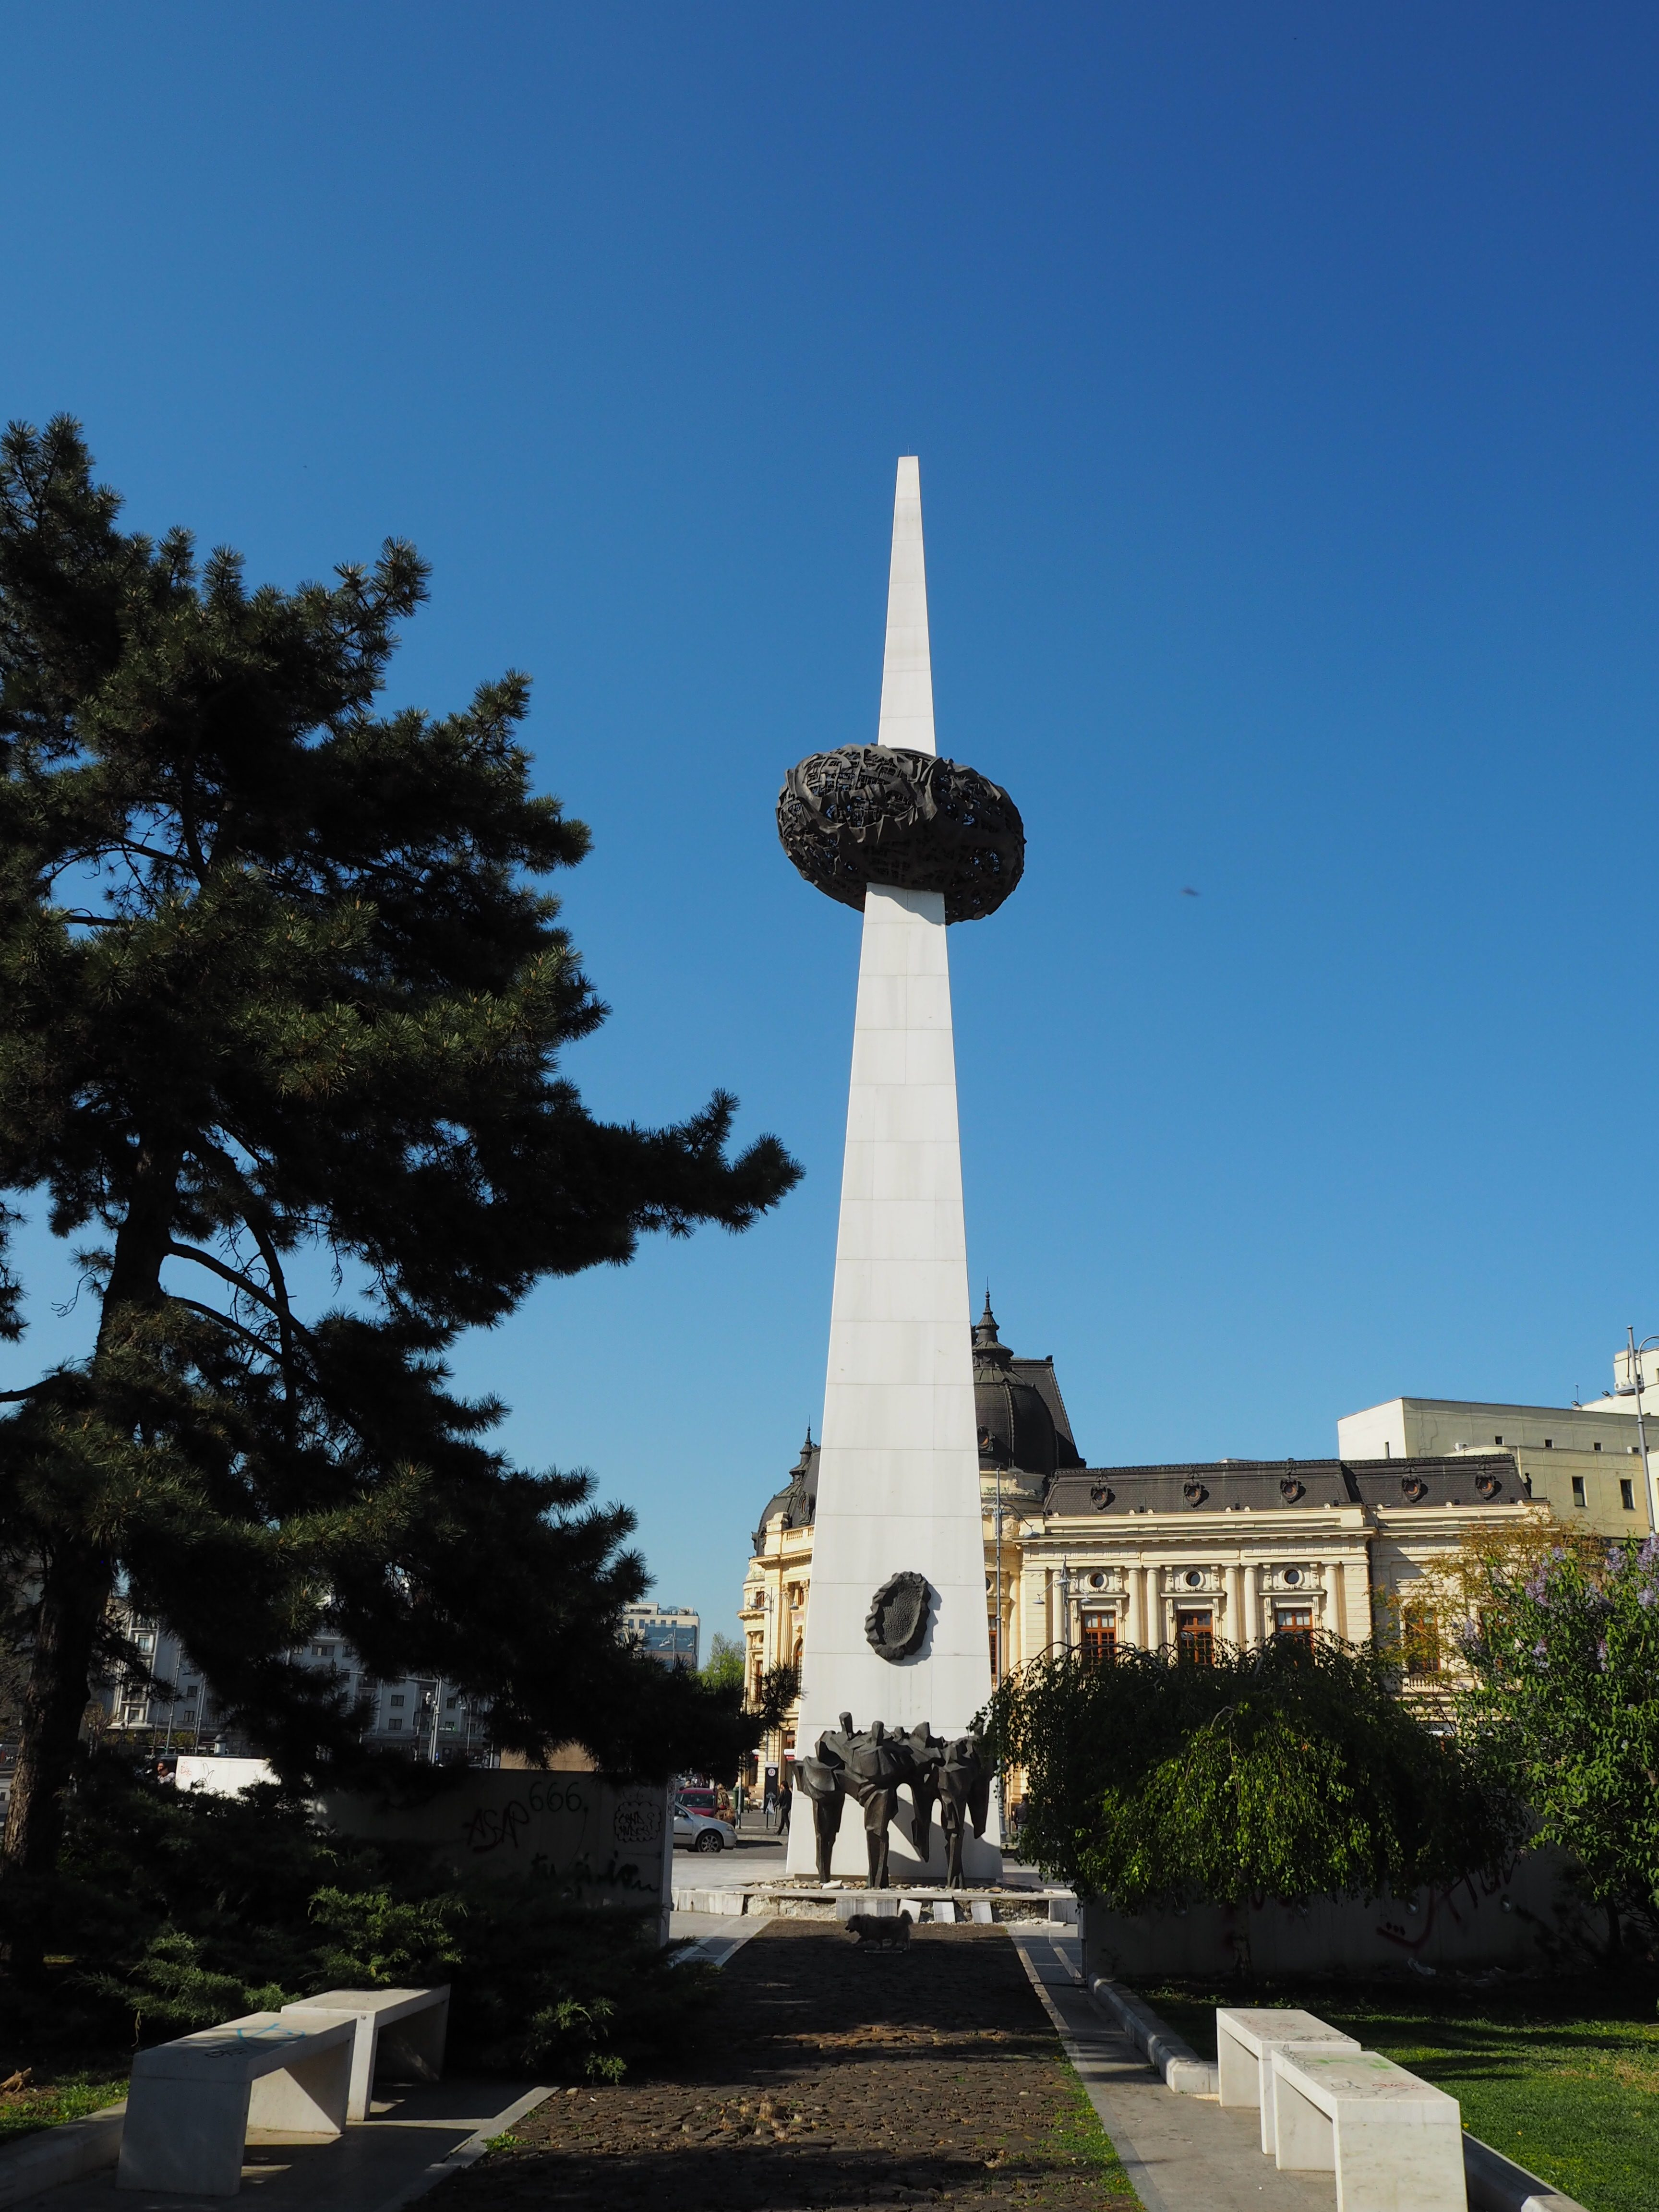 The rebirth Memorial in Revolution Square